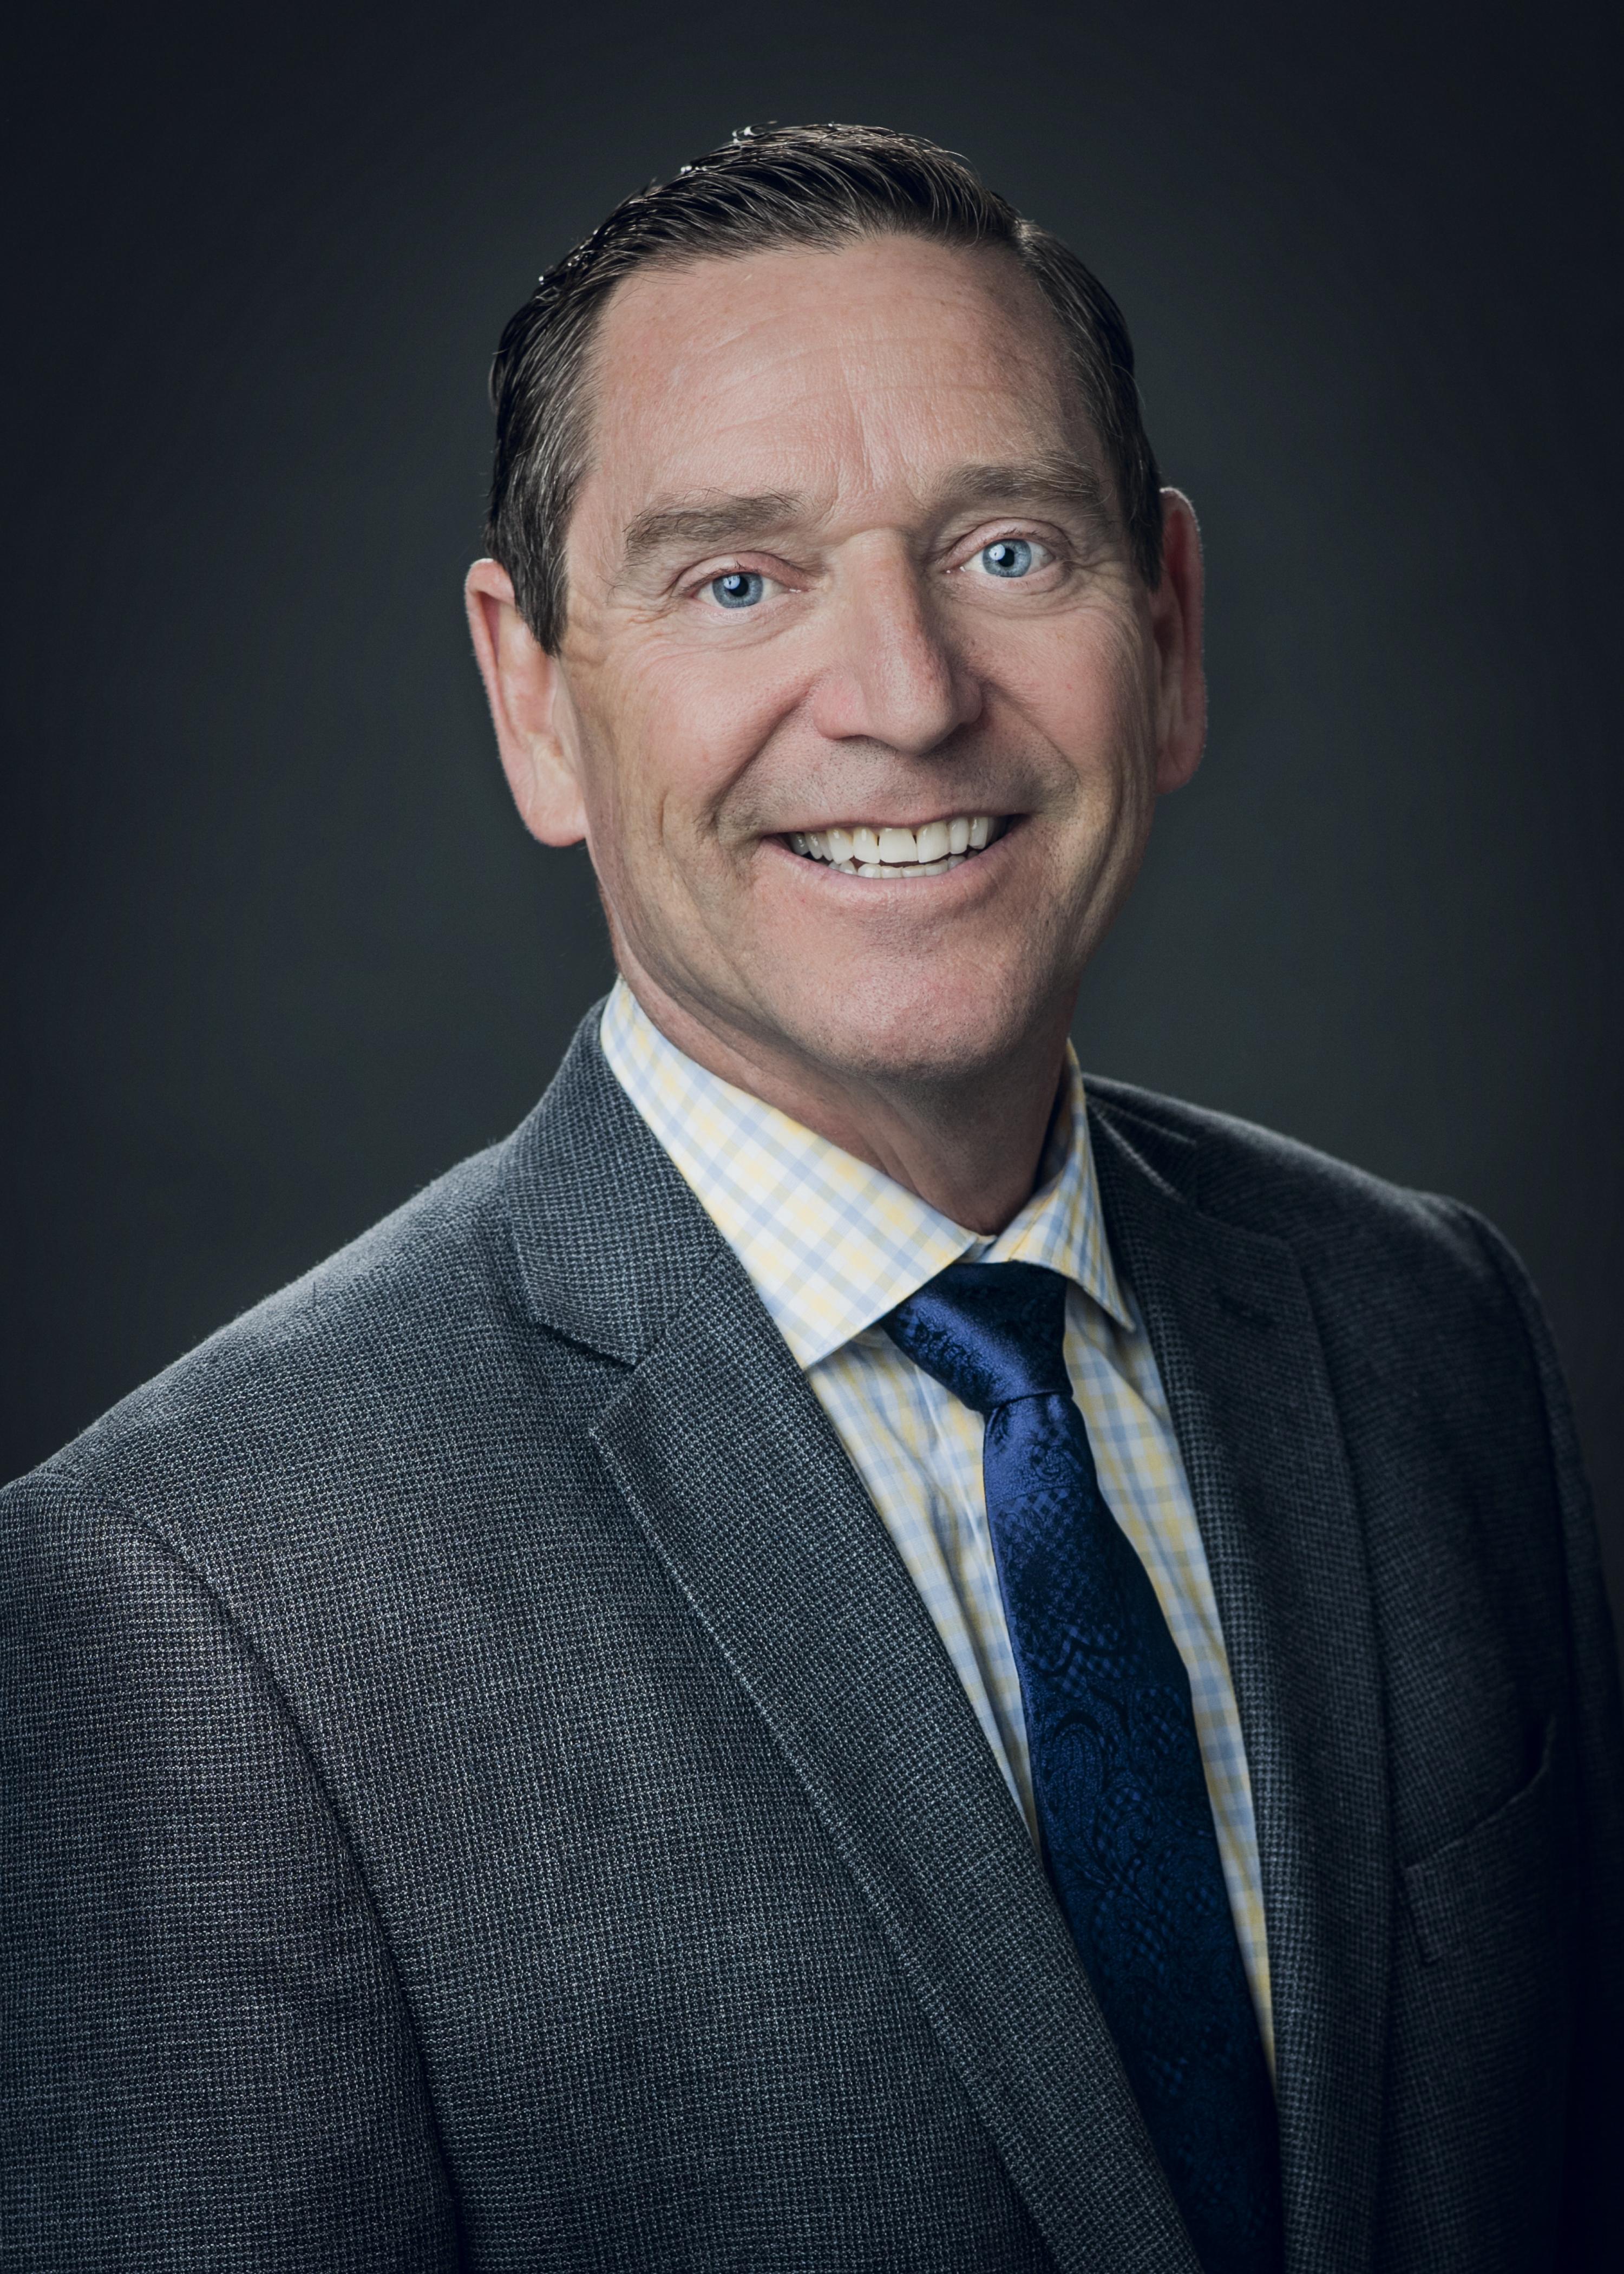 Jeffrey Bangerter